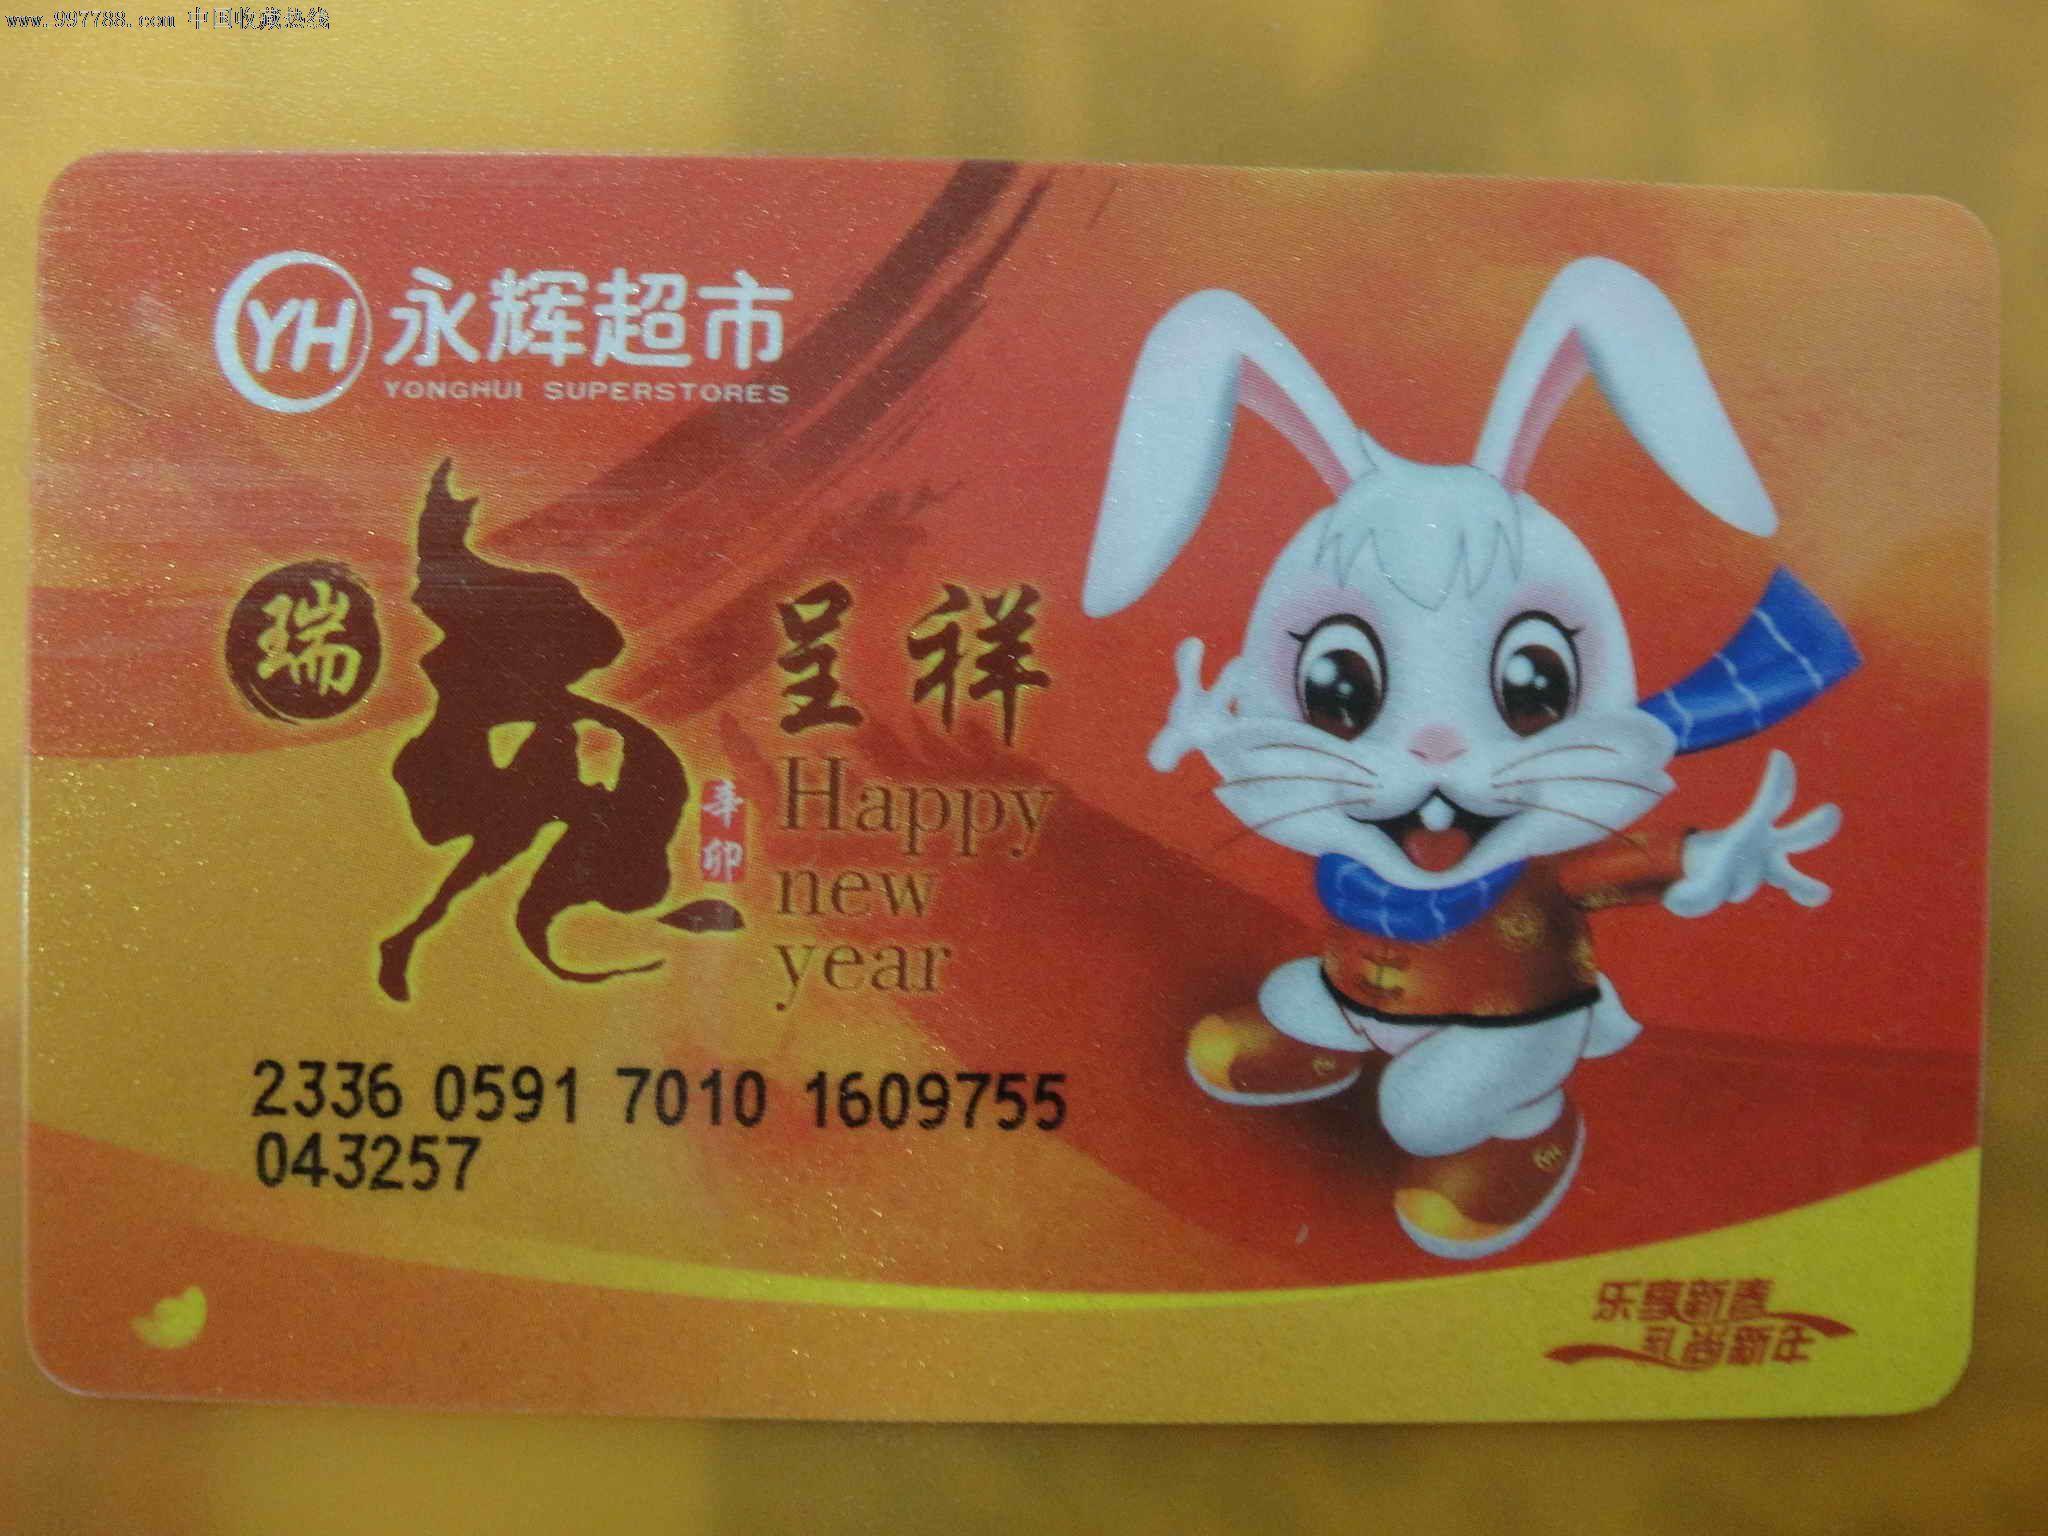 永辉超市积分卡�z*_永辉超市兔年礼品卡购物卡